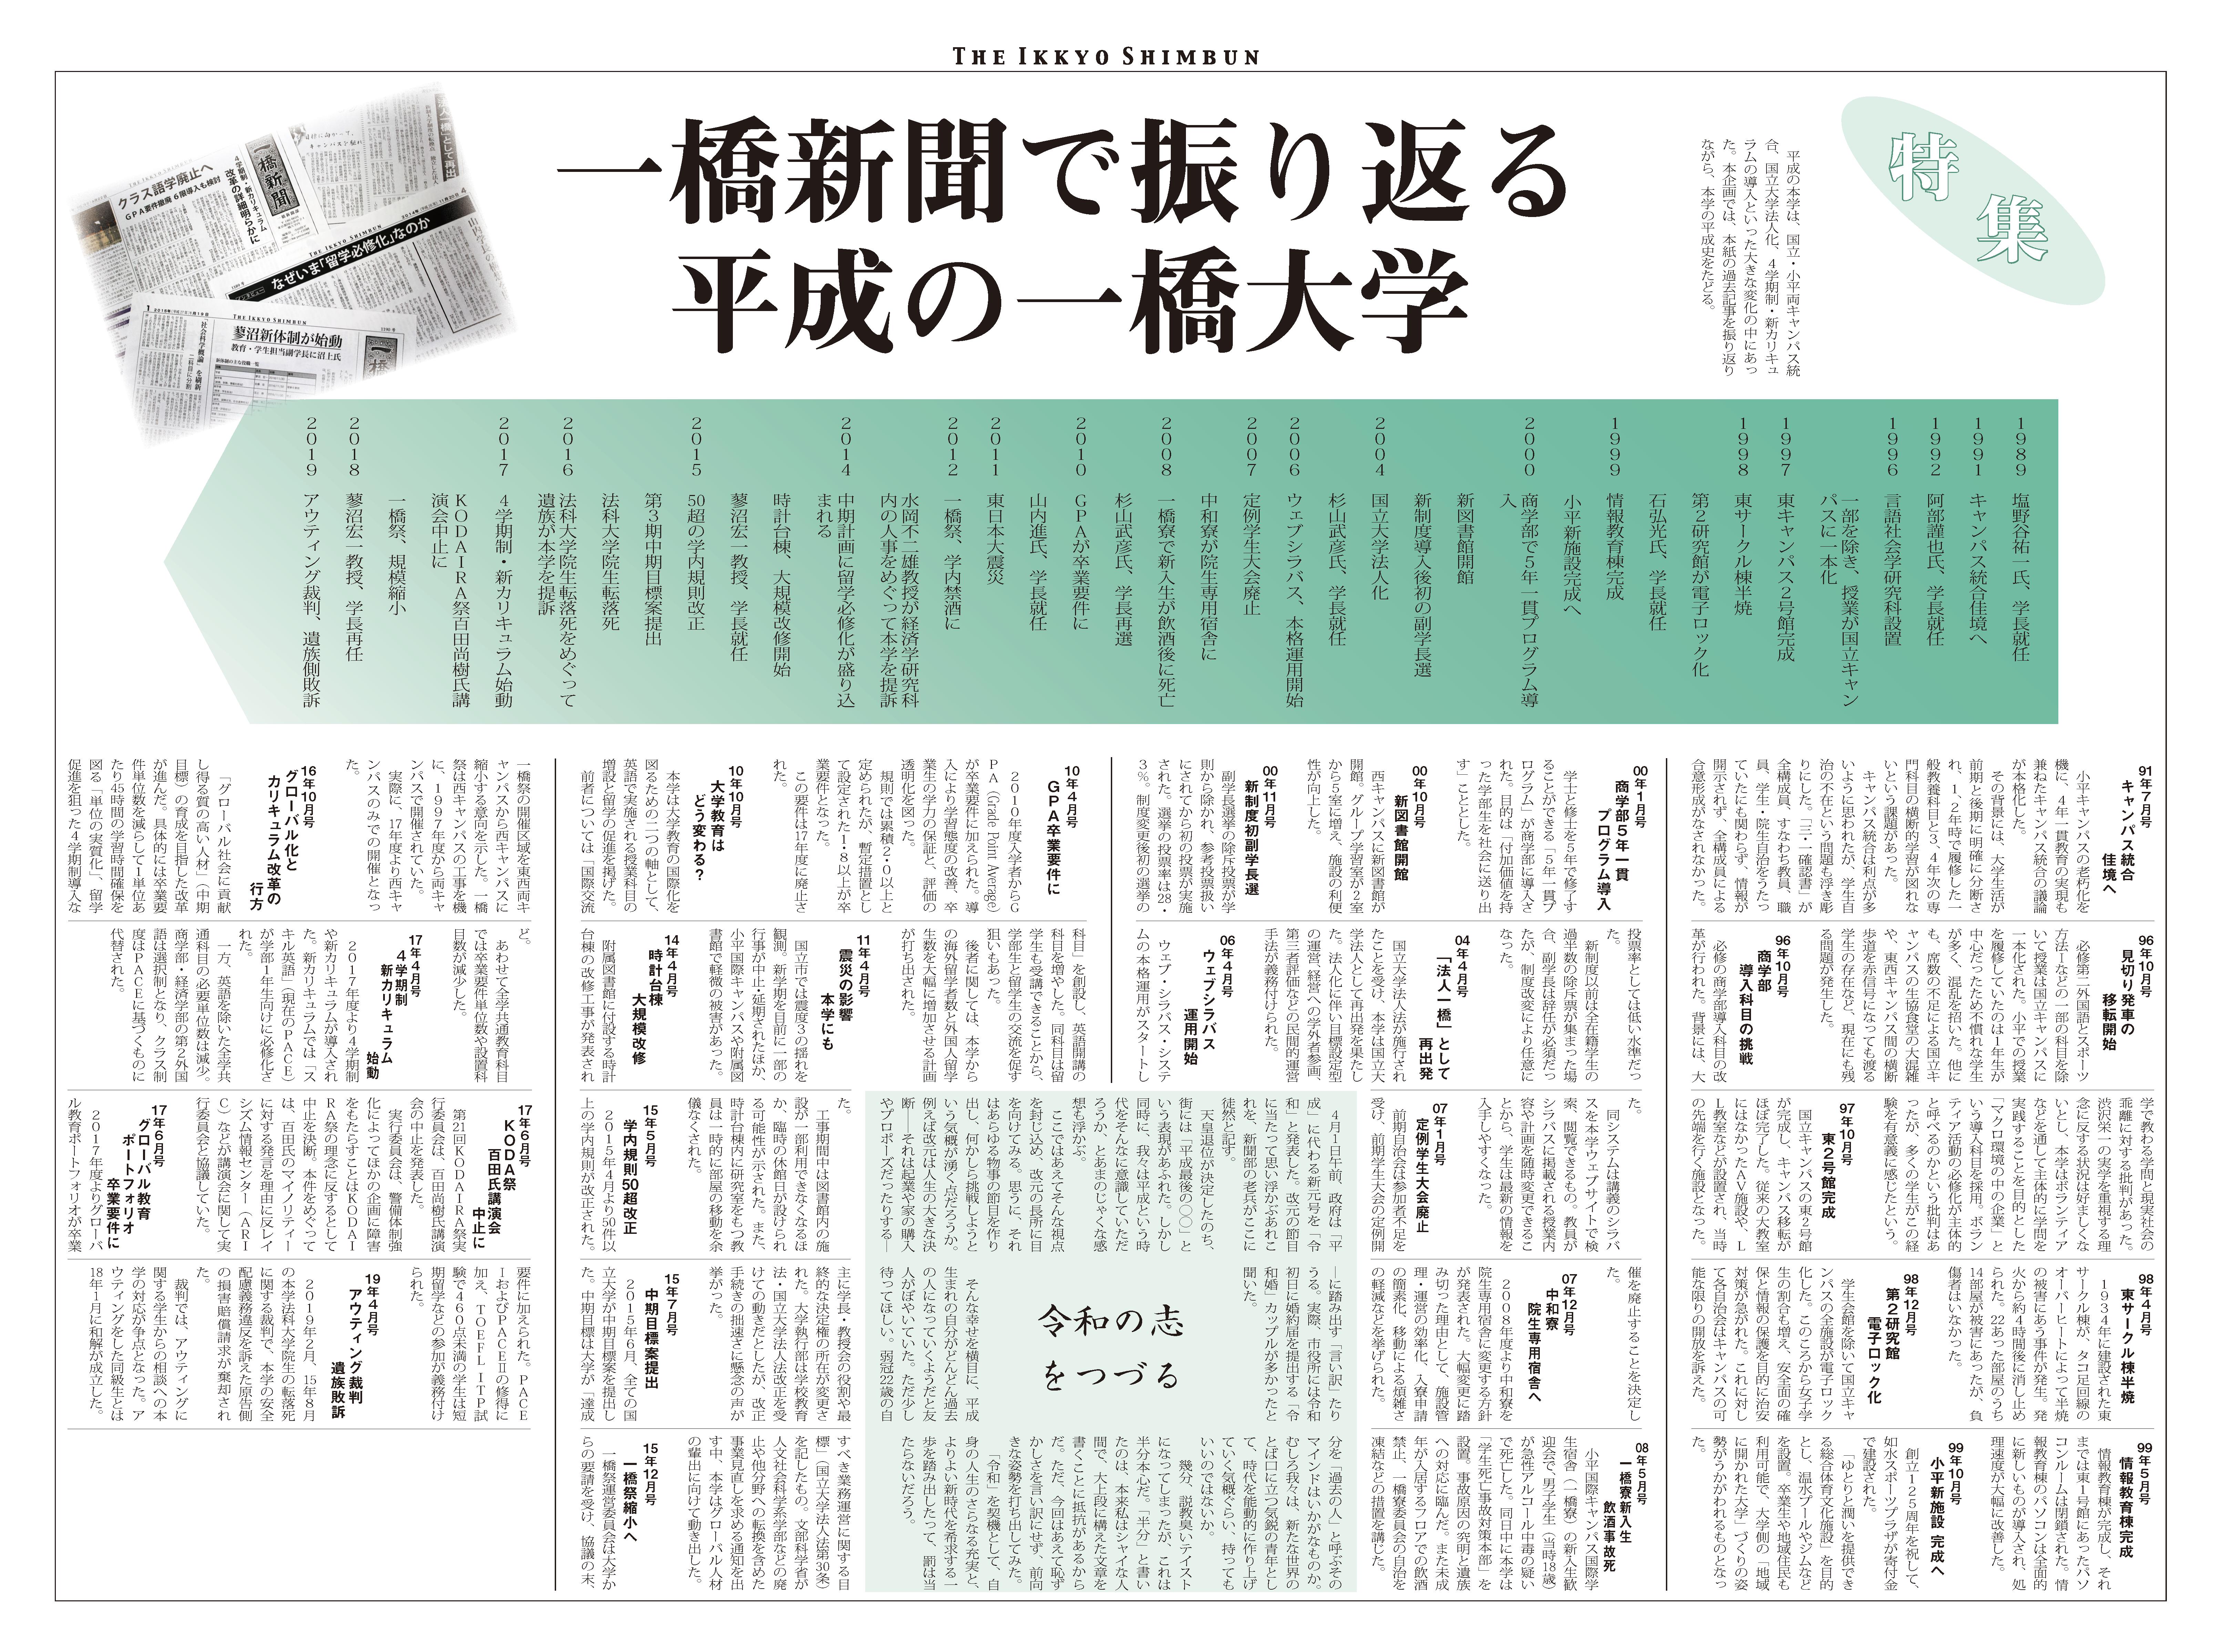 一橋新聞で振り返る平成の一橋大学―令和の志をつづる